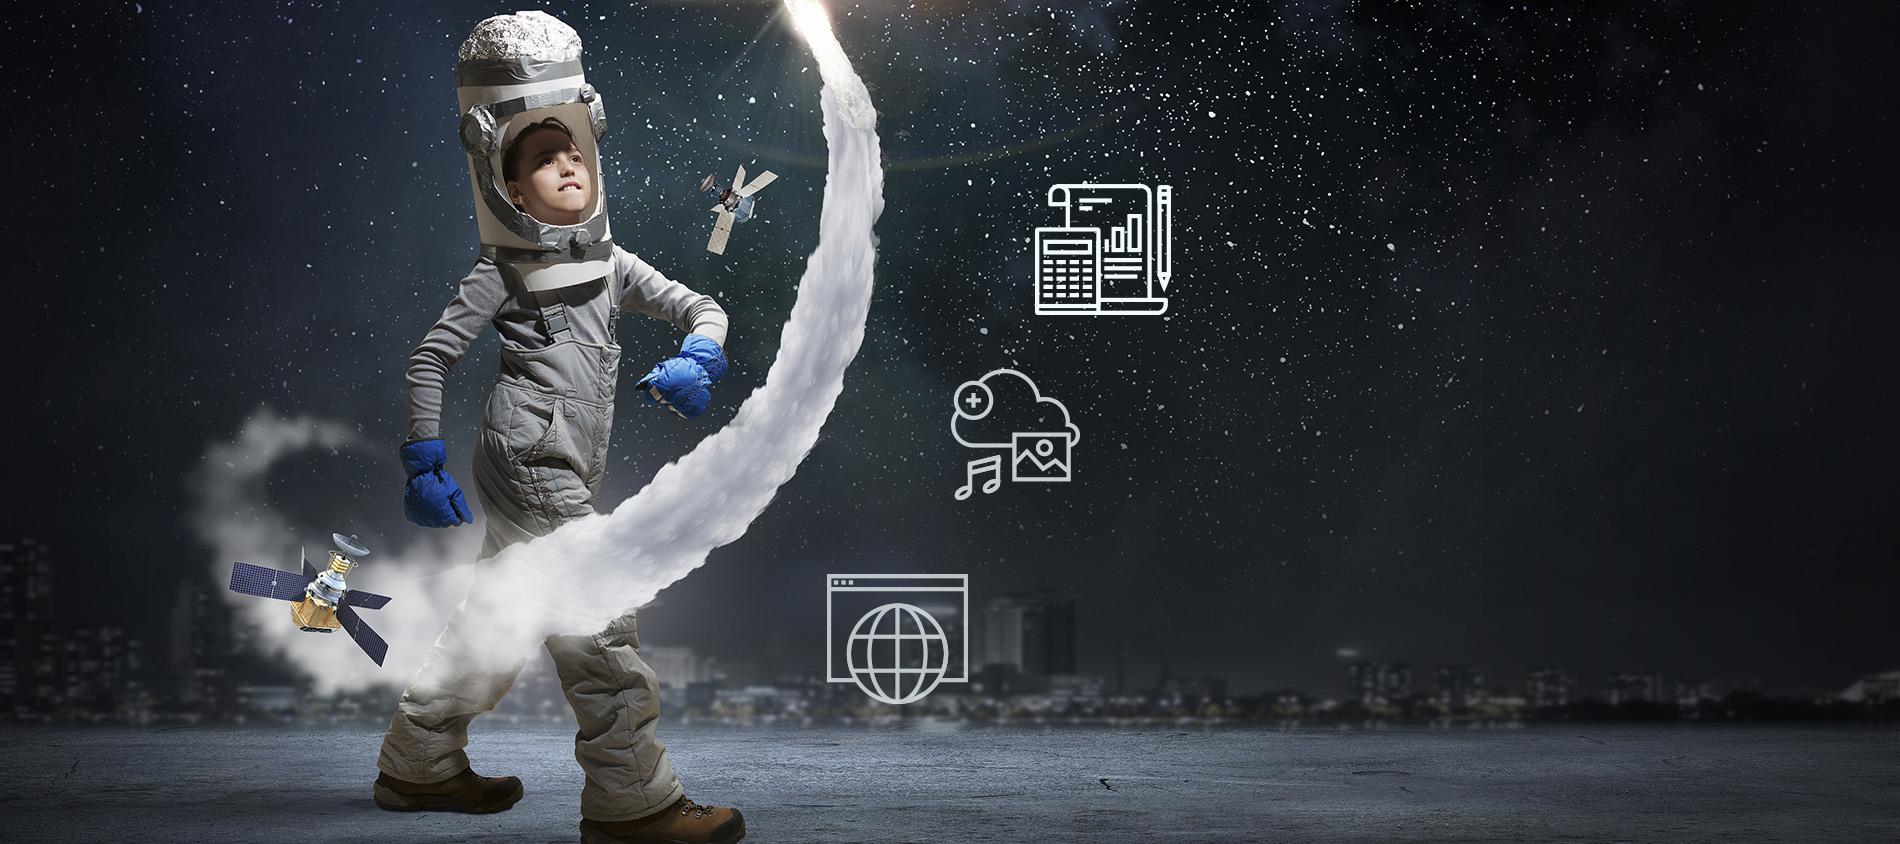 6 Ideas Creativas para mejorar el sitio web de tu empresa